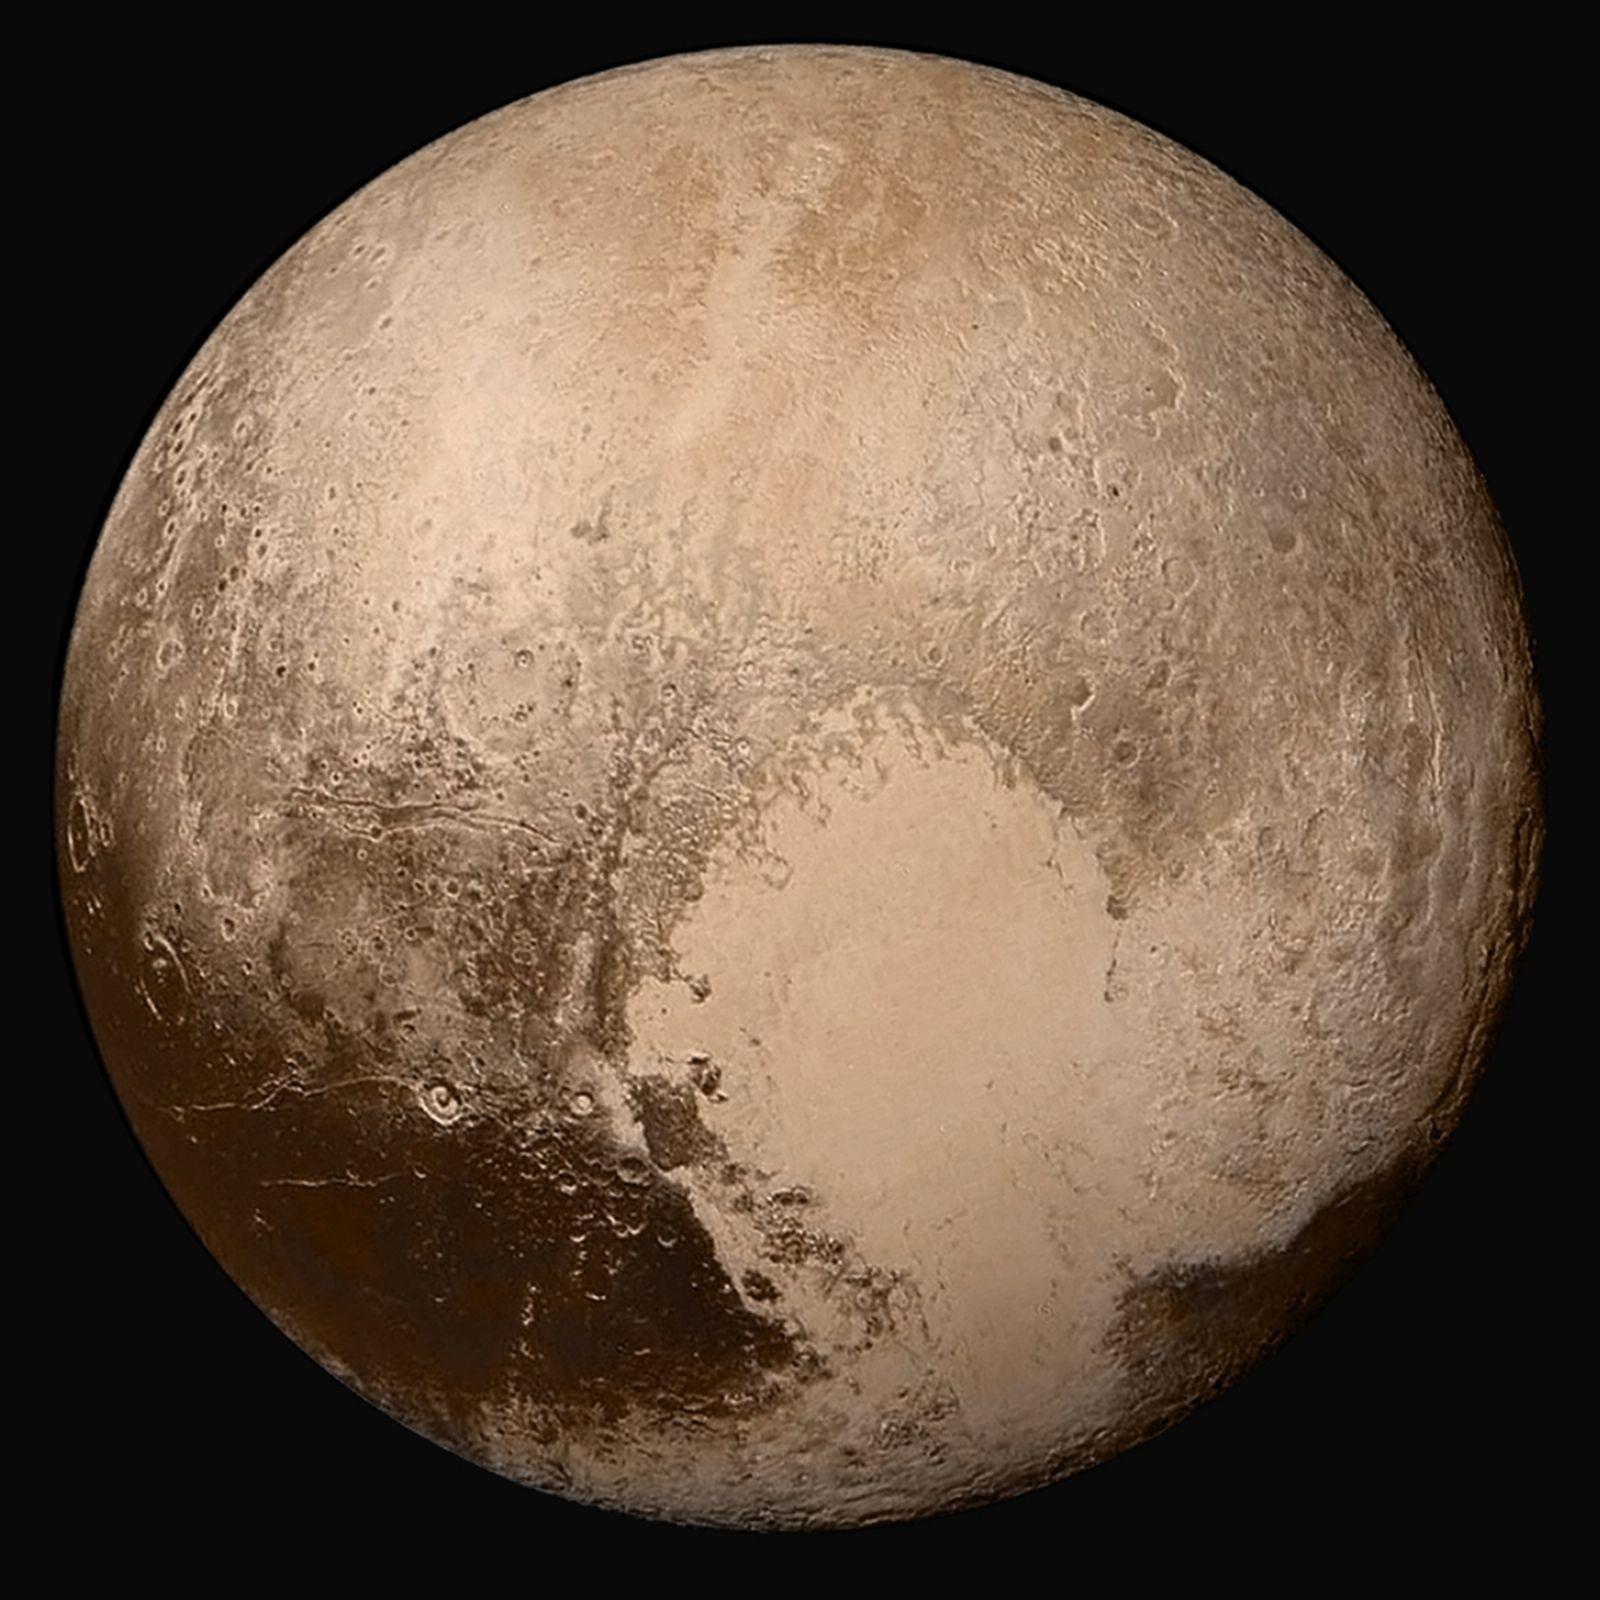 Foto a colori del Pianeta Plutone